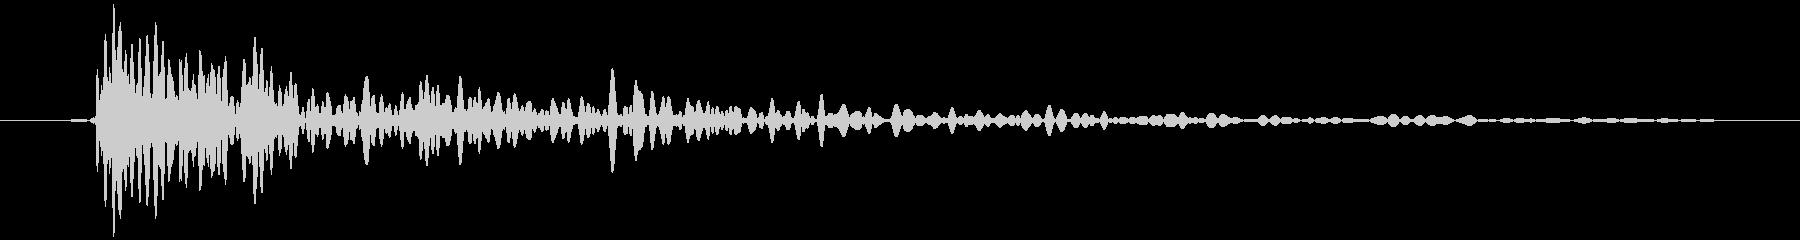 引き戸 閉めきり音 タァン…の未再生の波形